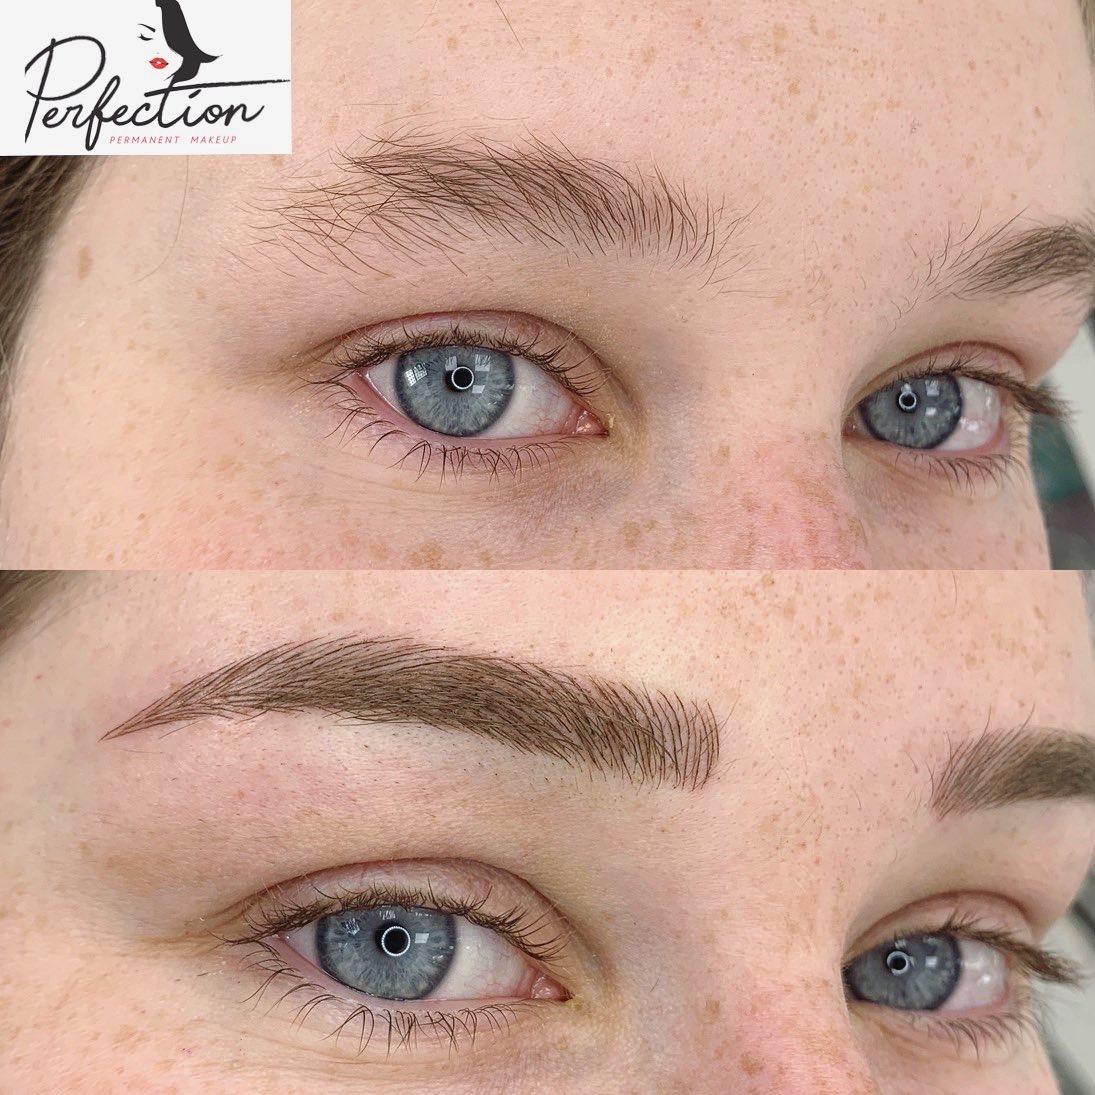 eyebrow microblading 7